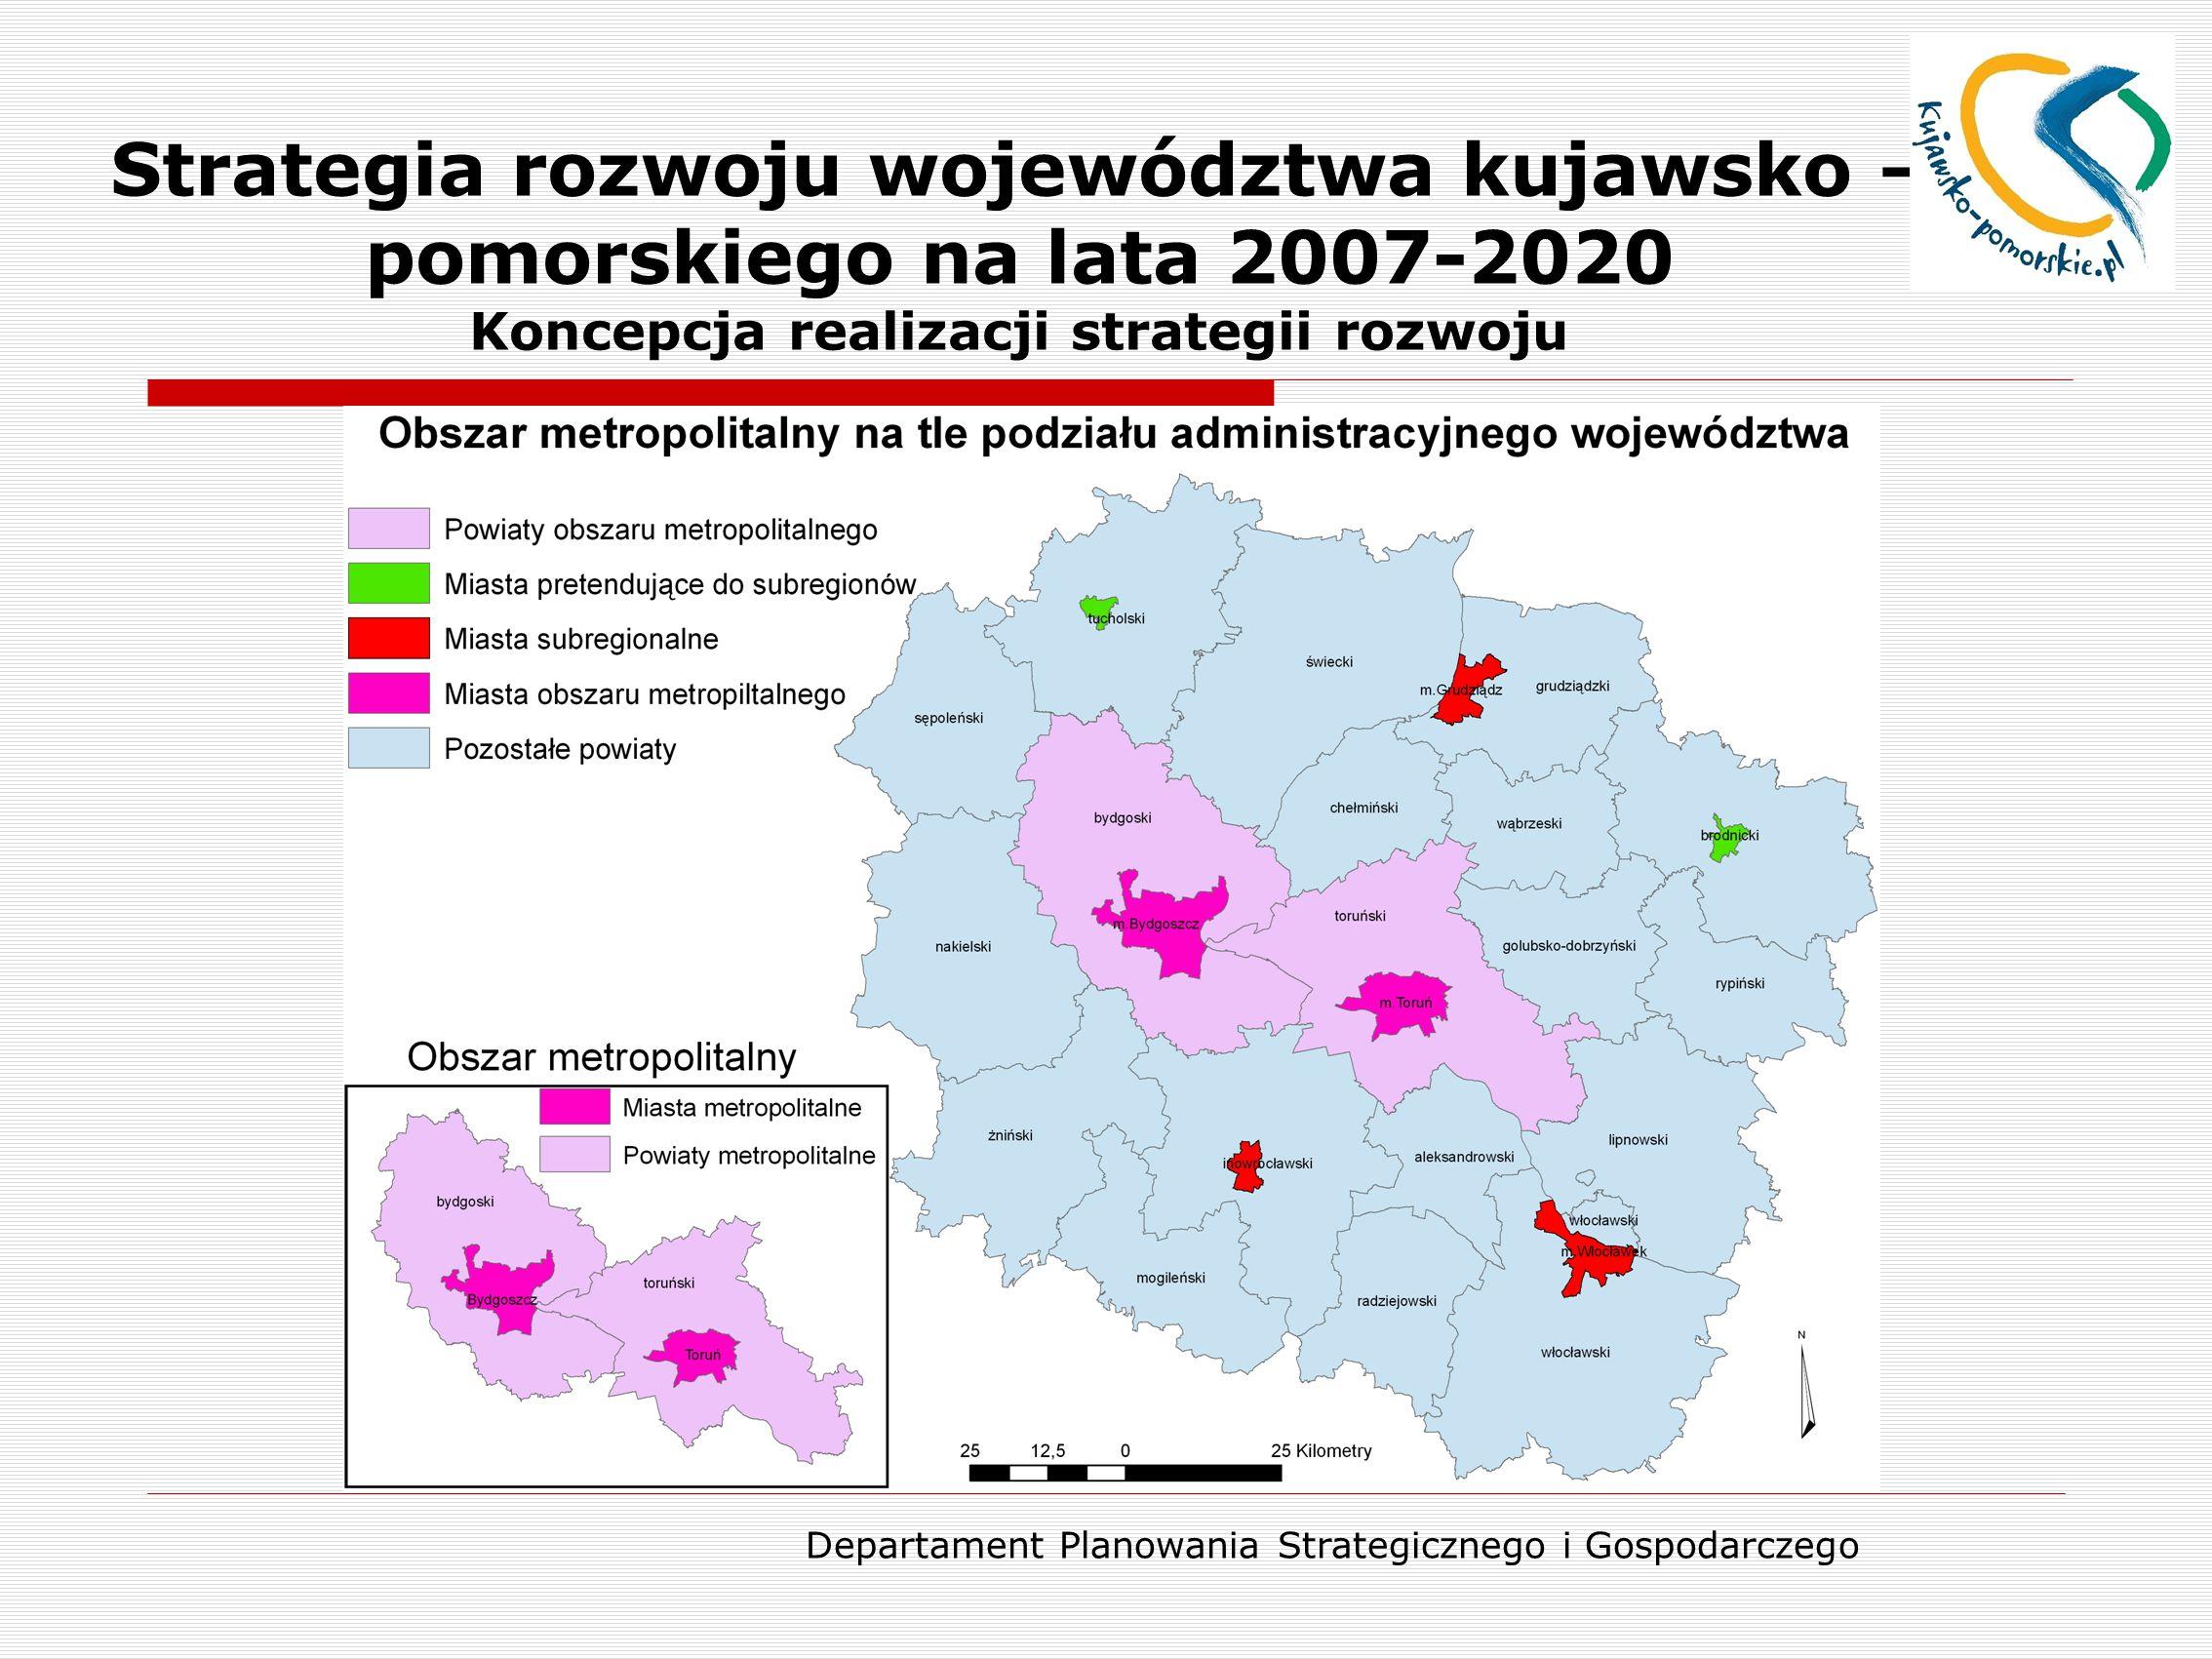 Departament Planowania Strategicznego i Gospodarczego Strategia rozwoju województwa kujawsko – pomorskiego na lata 2007-2020 Koncepcja realizacji strategii rozwoju